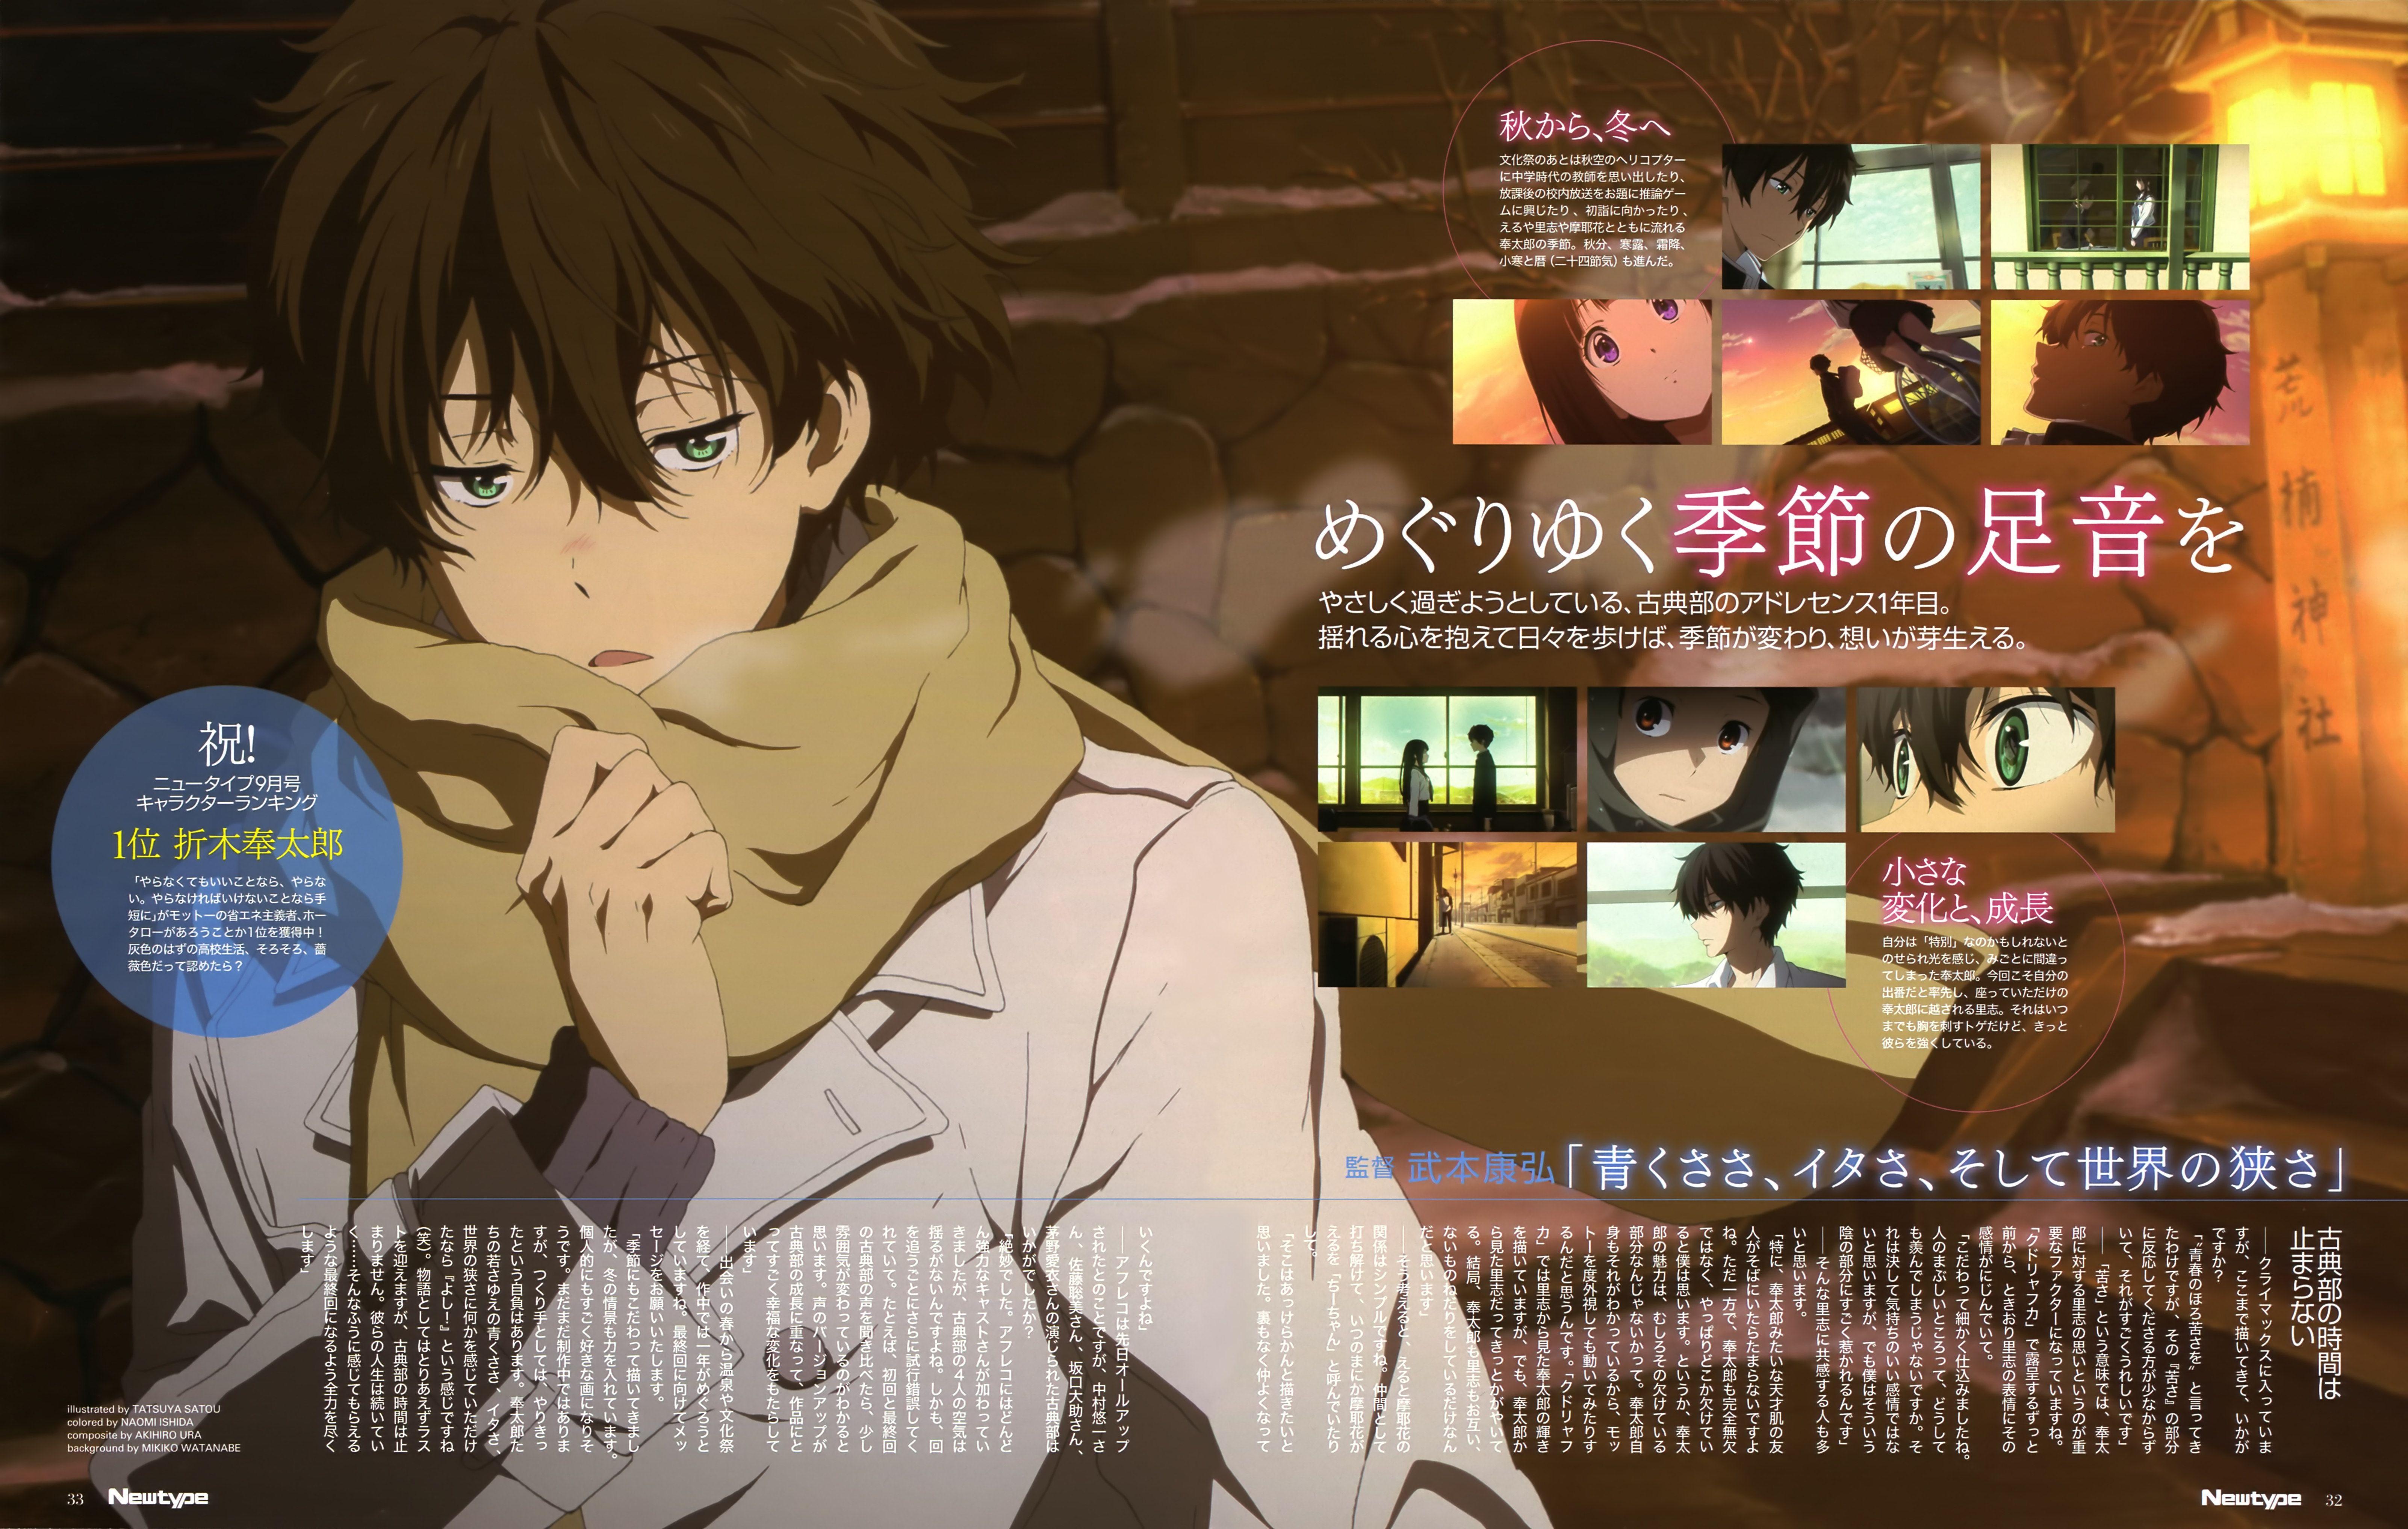 Hyouka Kyoto Animation Yonezawa Honobu 京都アニメーション